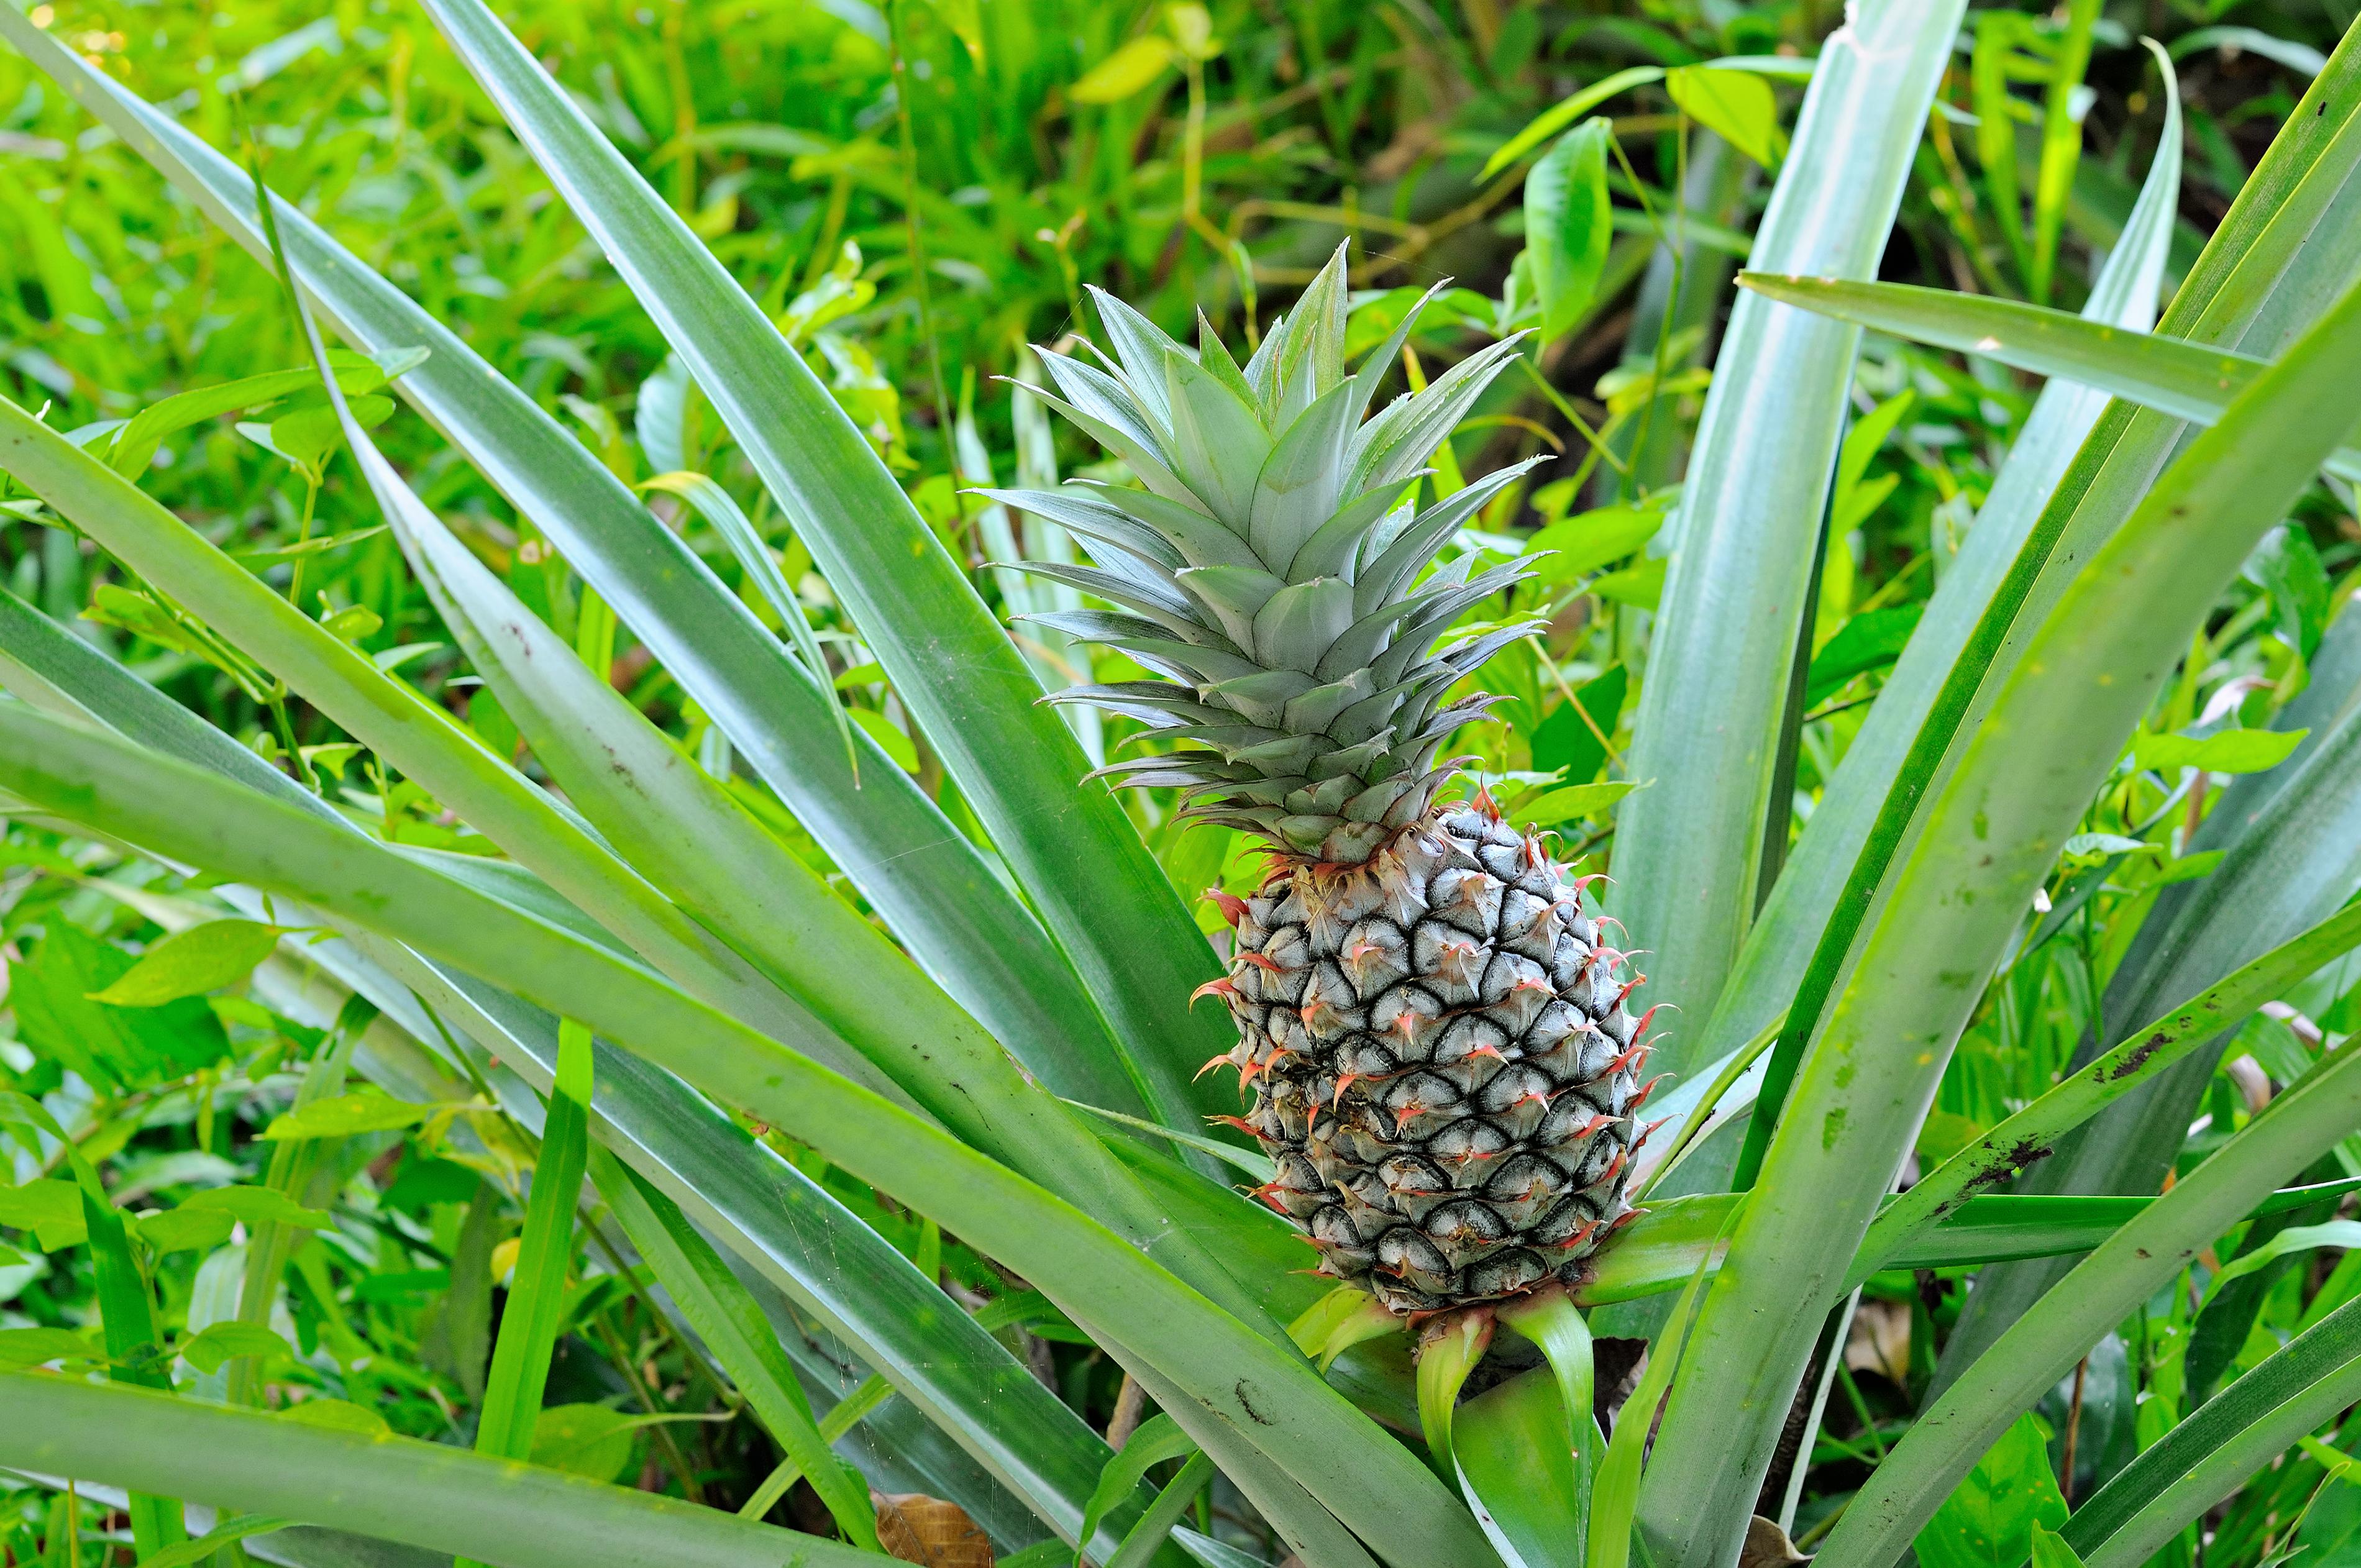 Ananasplant in het wild